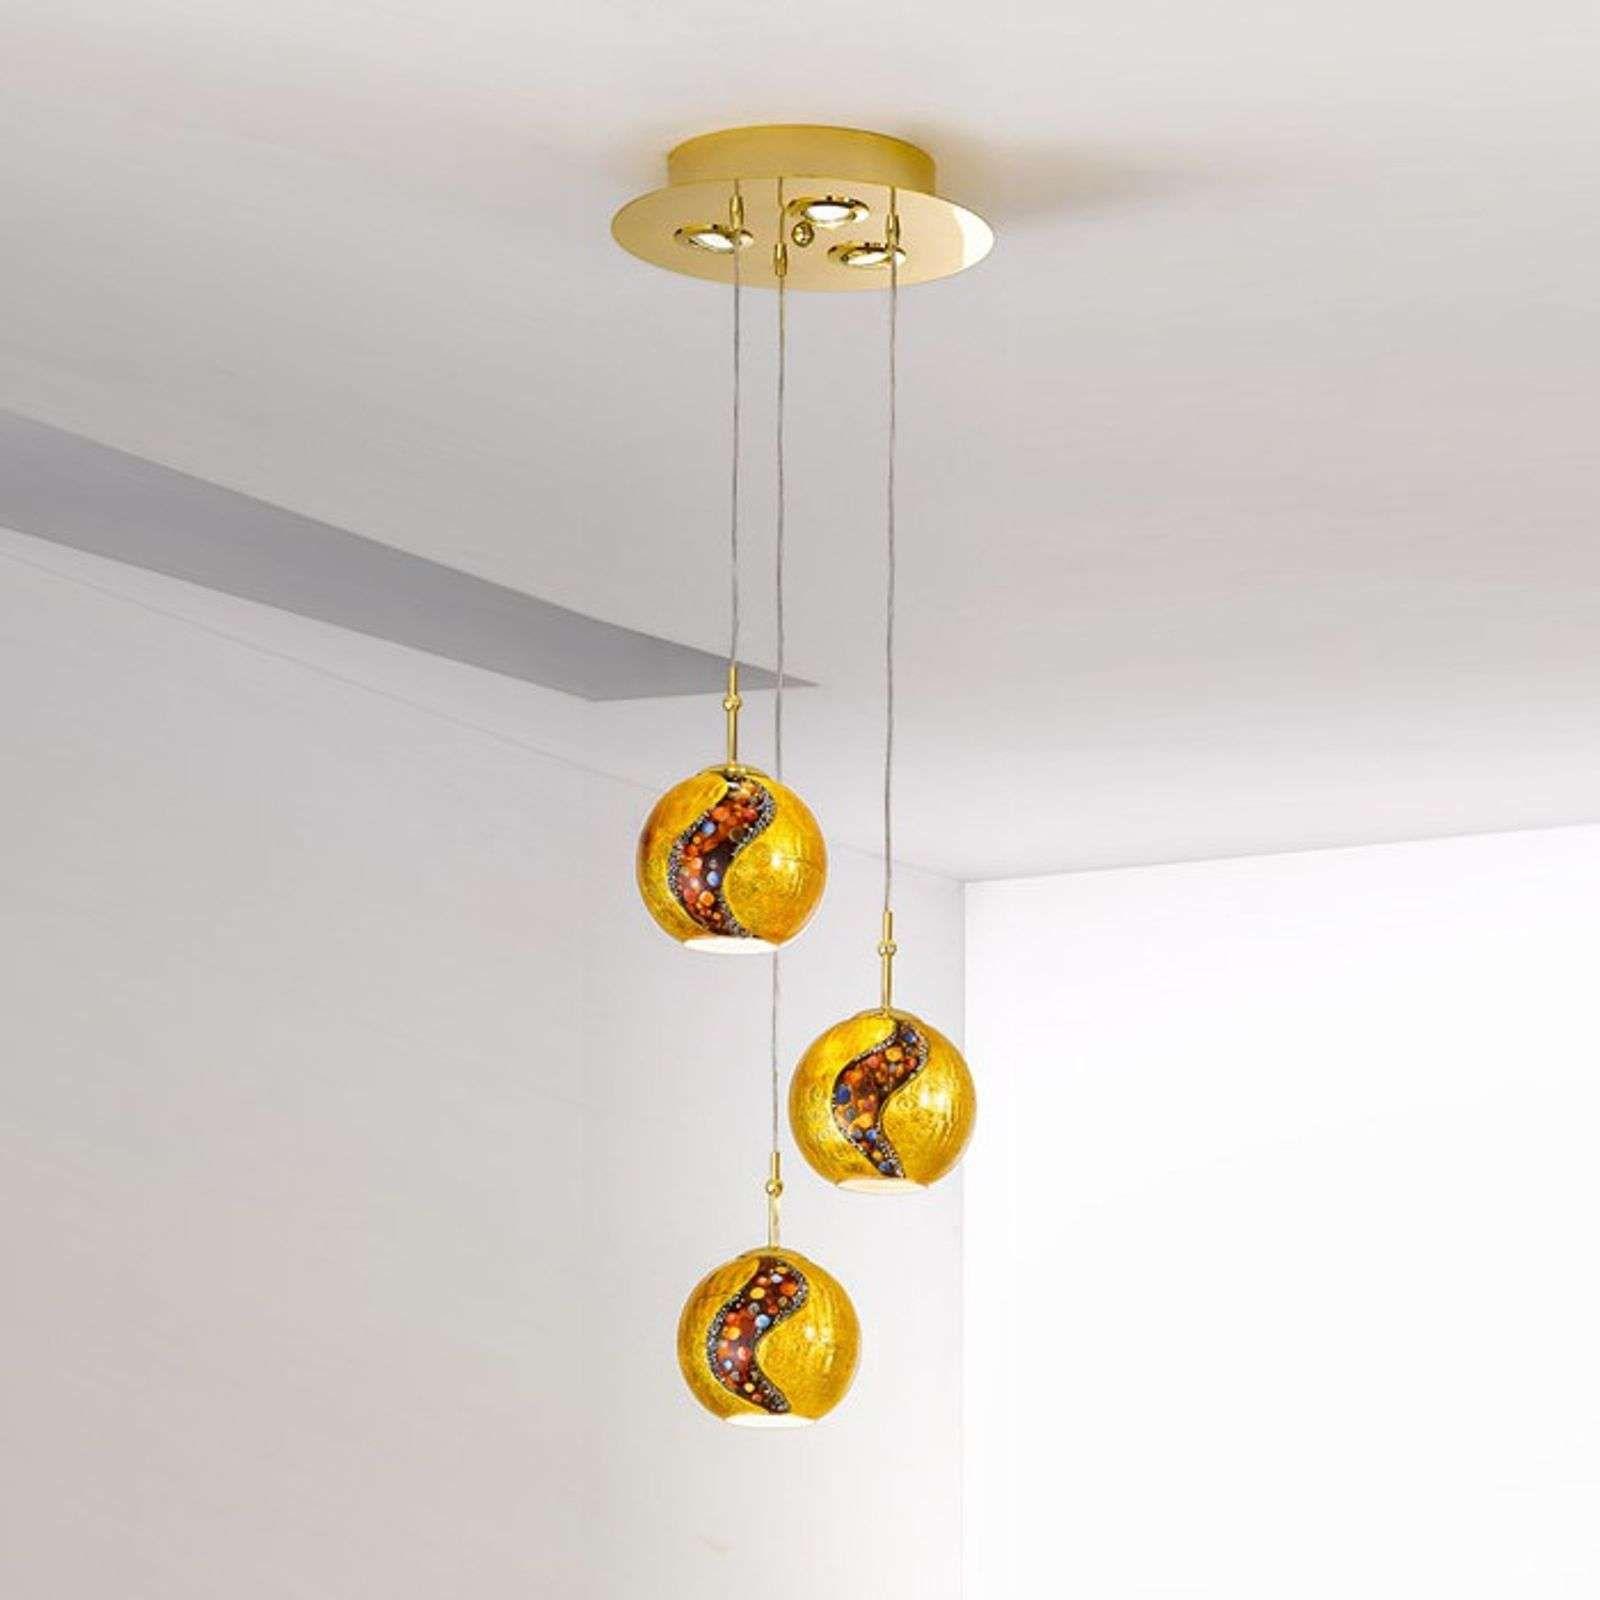 Hanglamp Lamp Hanglamp Aluminium Hanglamp Eetkamer Hanglamp Zwart Met Gouden Binnenkant Moderne Hanglampen Hanglamp Binnenverlichting Eetkamer Hanglamp